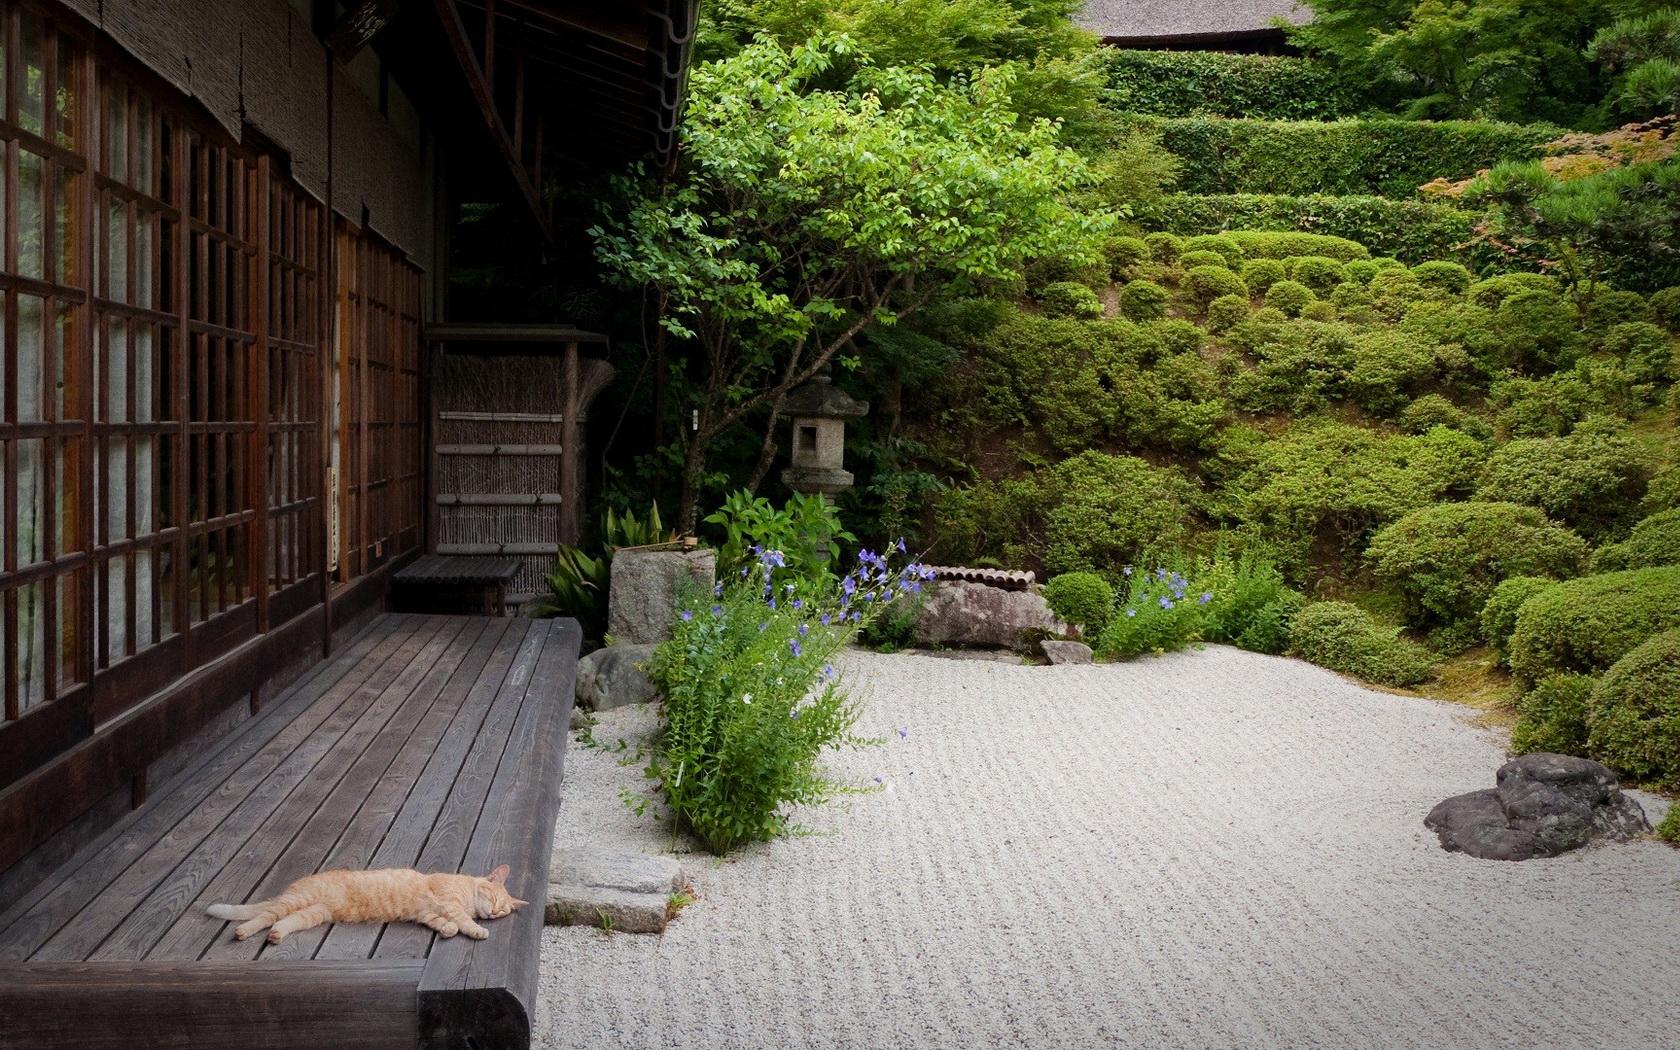 Japan Japanese Garden wallpaper 1680x1050 143158 WallpaperUP